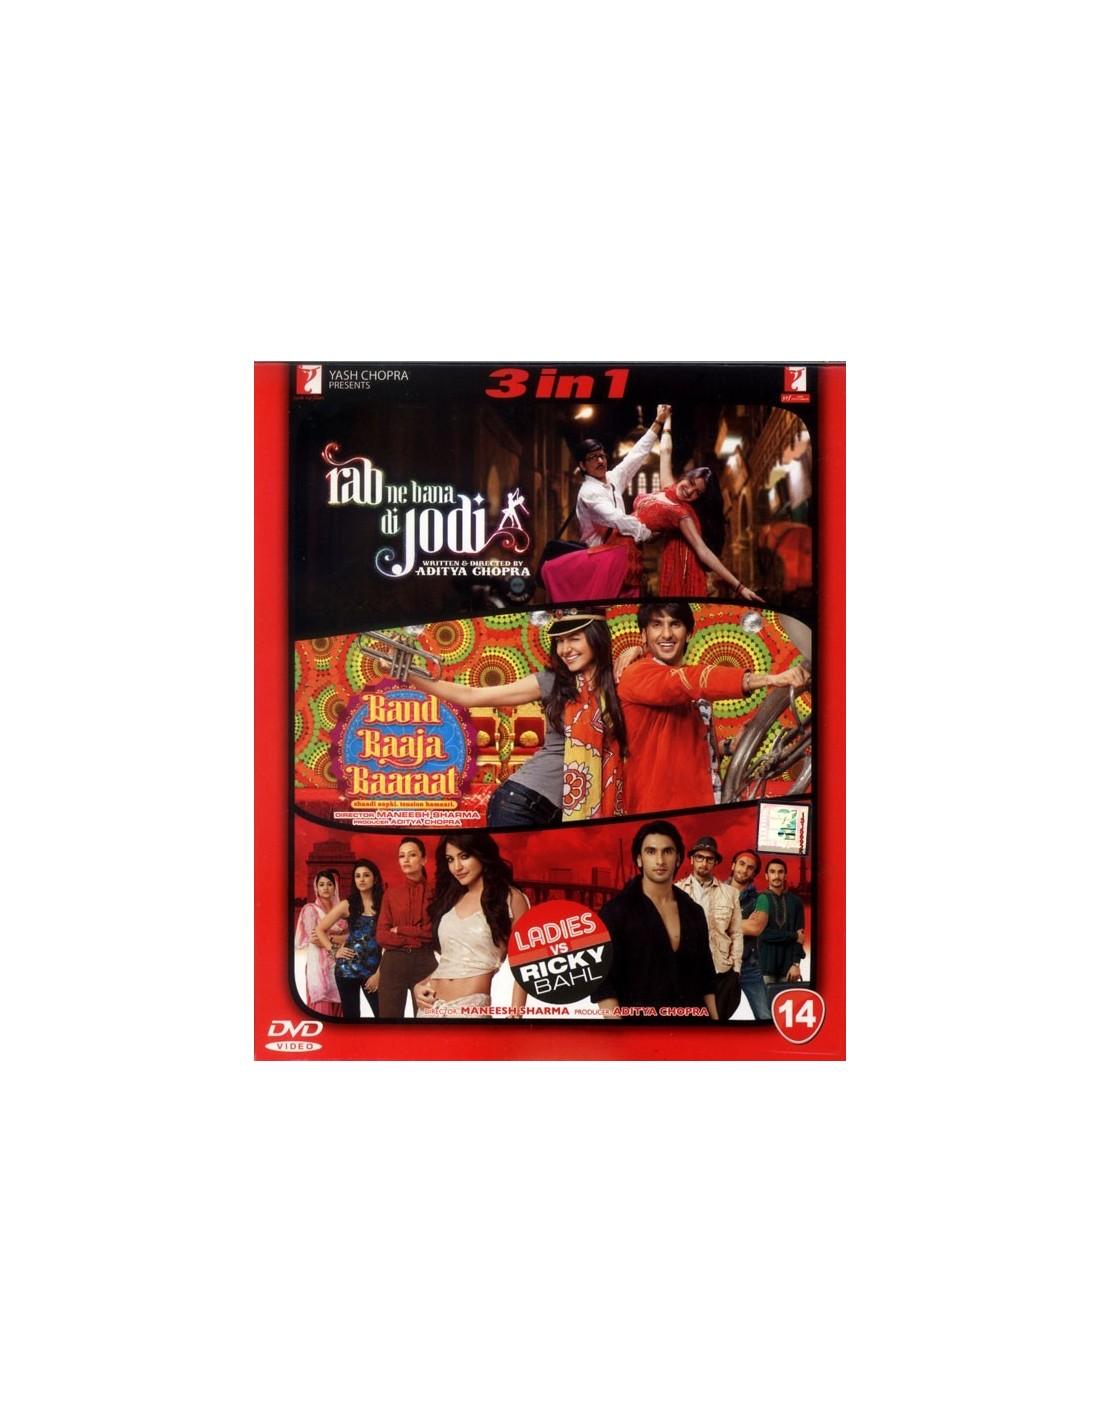 Rab Ne Bana Di Jodi (2008) - Film en Français - Cast